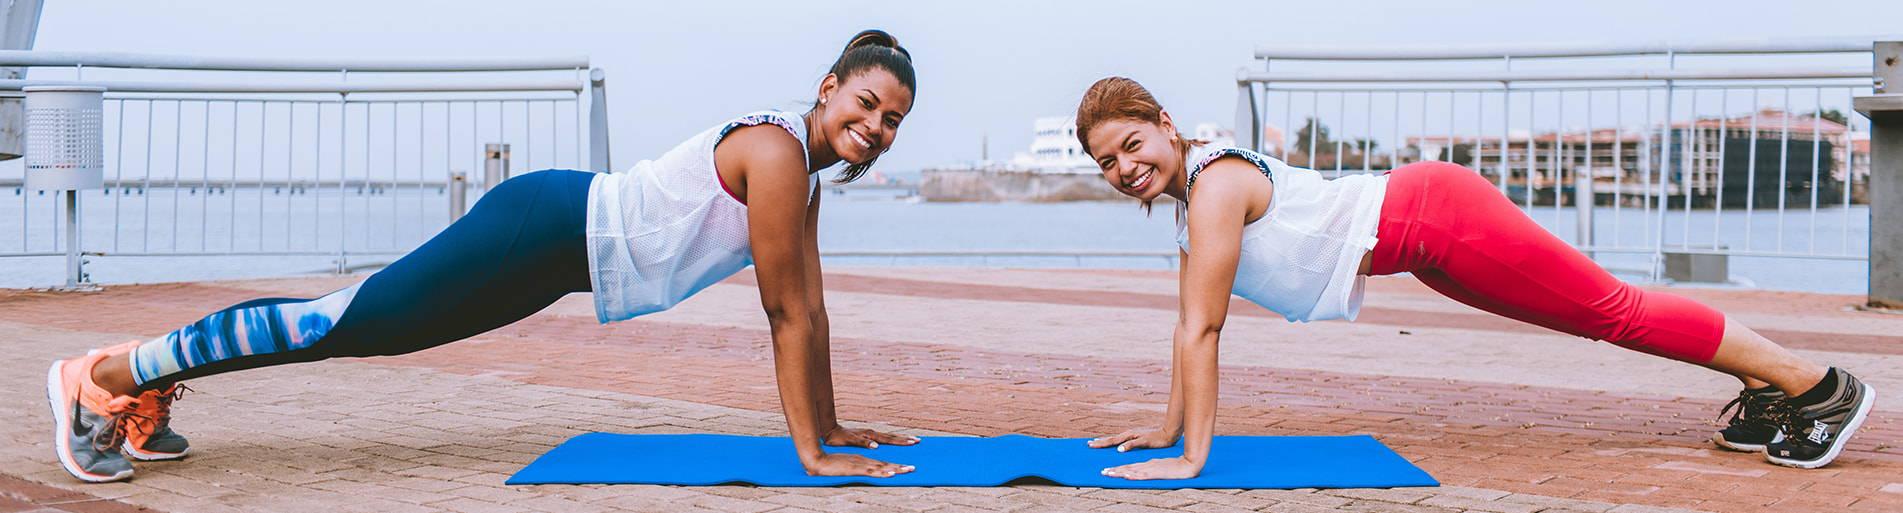 Frauen beim Sport - bonmedico